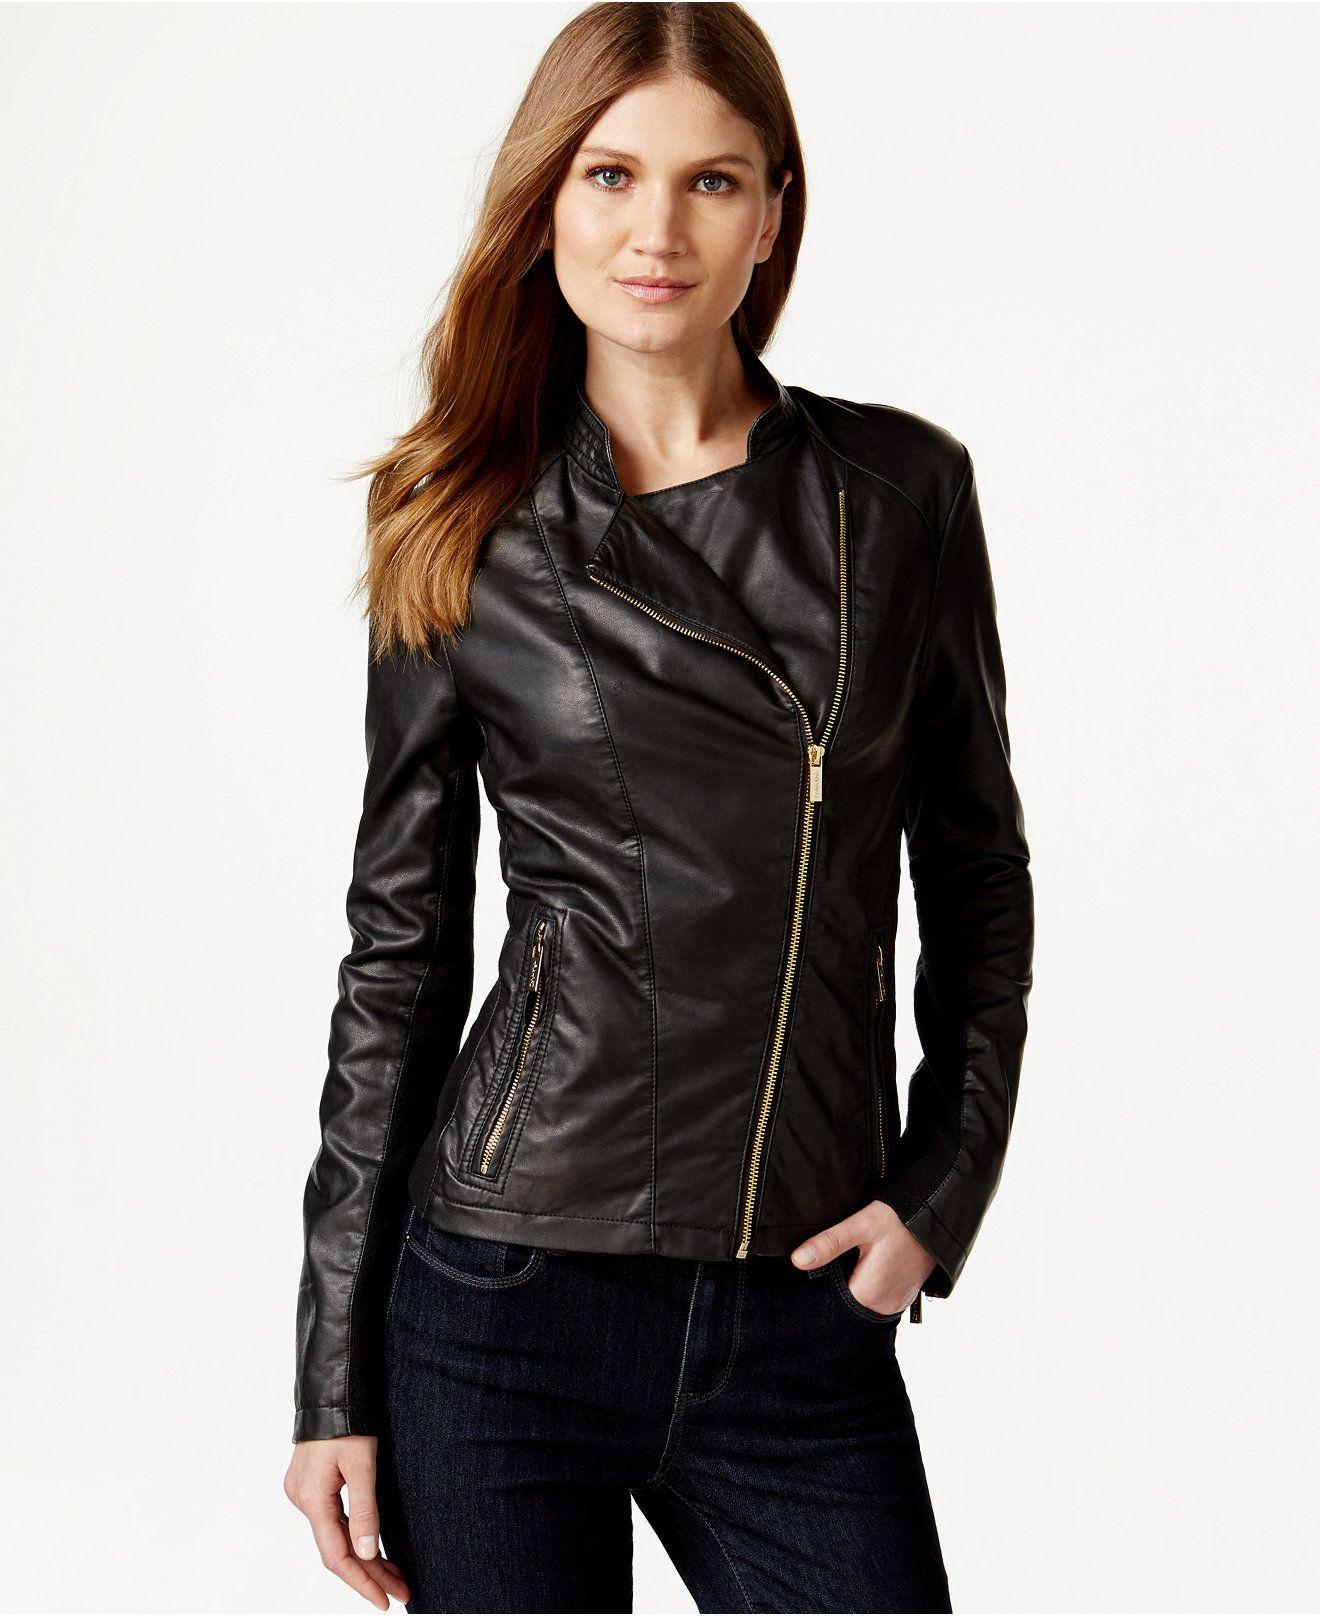 Calvin Klein Faux Leather Moto Jacket Jackets Blazers Women Macy S Blazer Jackets For Women Faux Leather Moto Jacket Calvin [ 1616 x 1320 Pixel ]